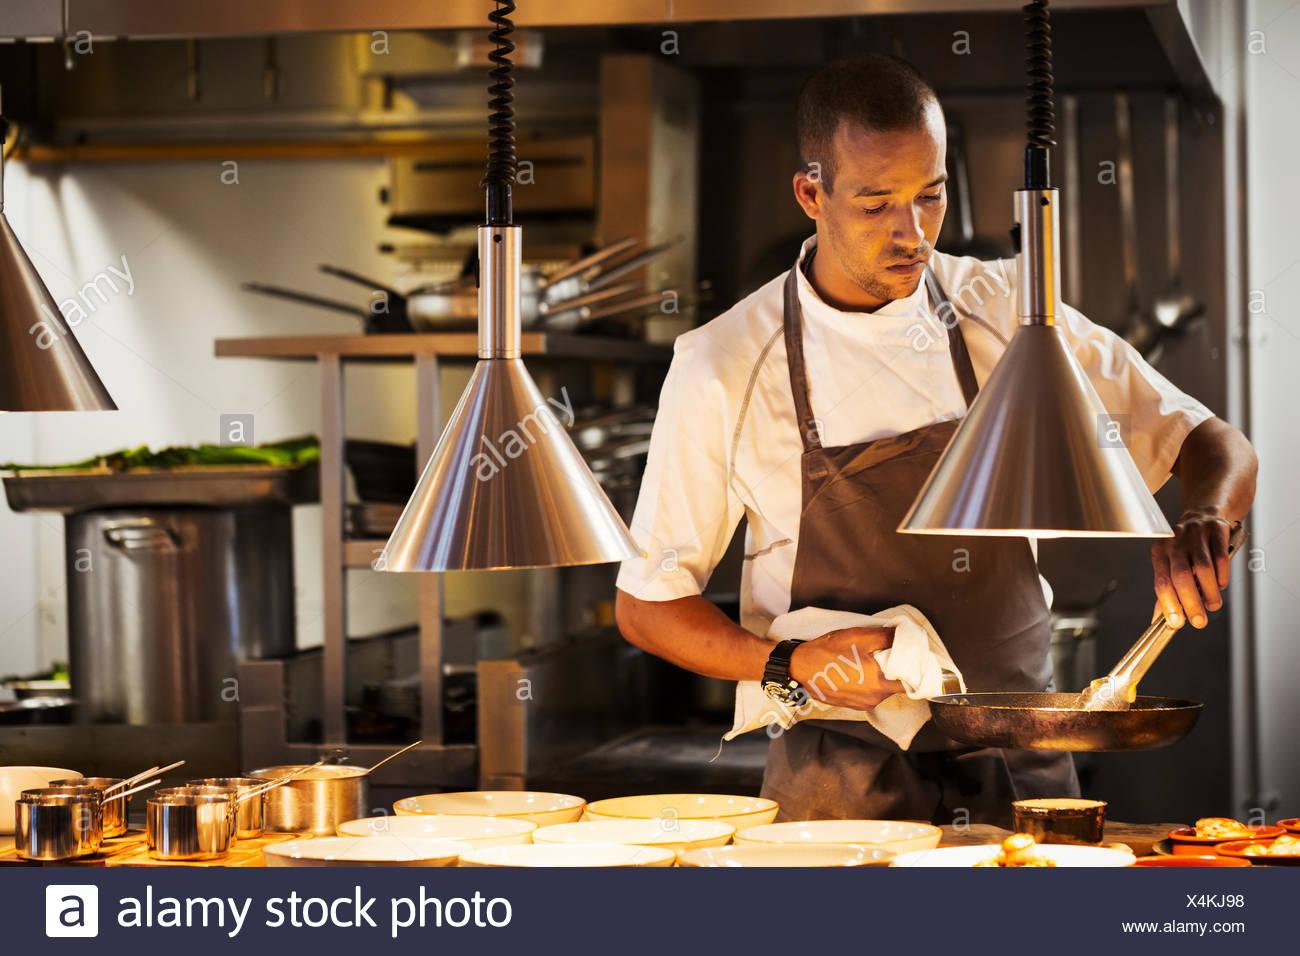 Cuisine Cuisine dans un restaurant, le placage de la nourriture. Photo Stock